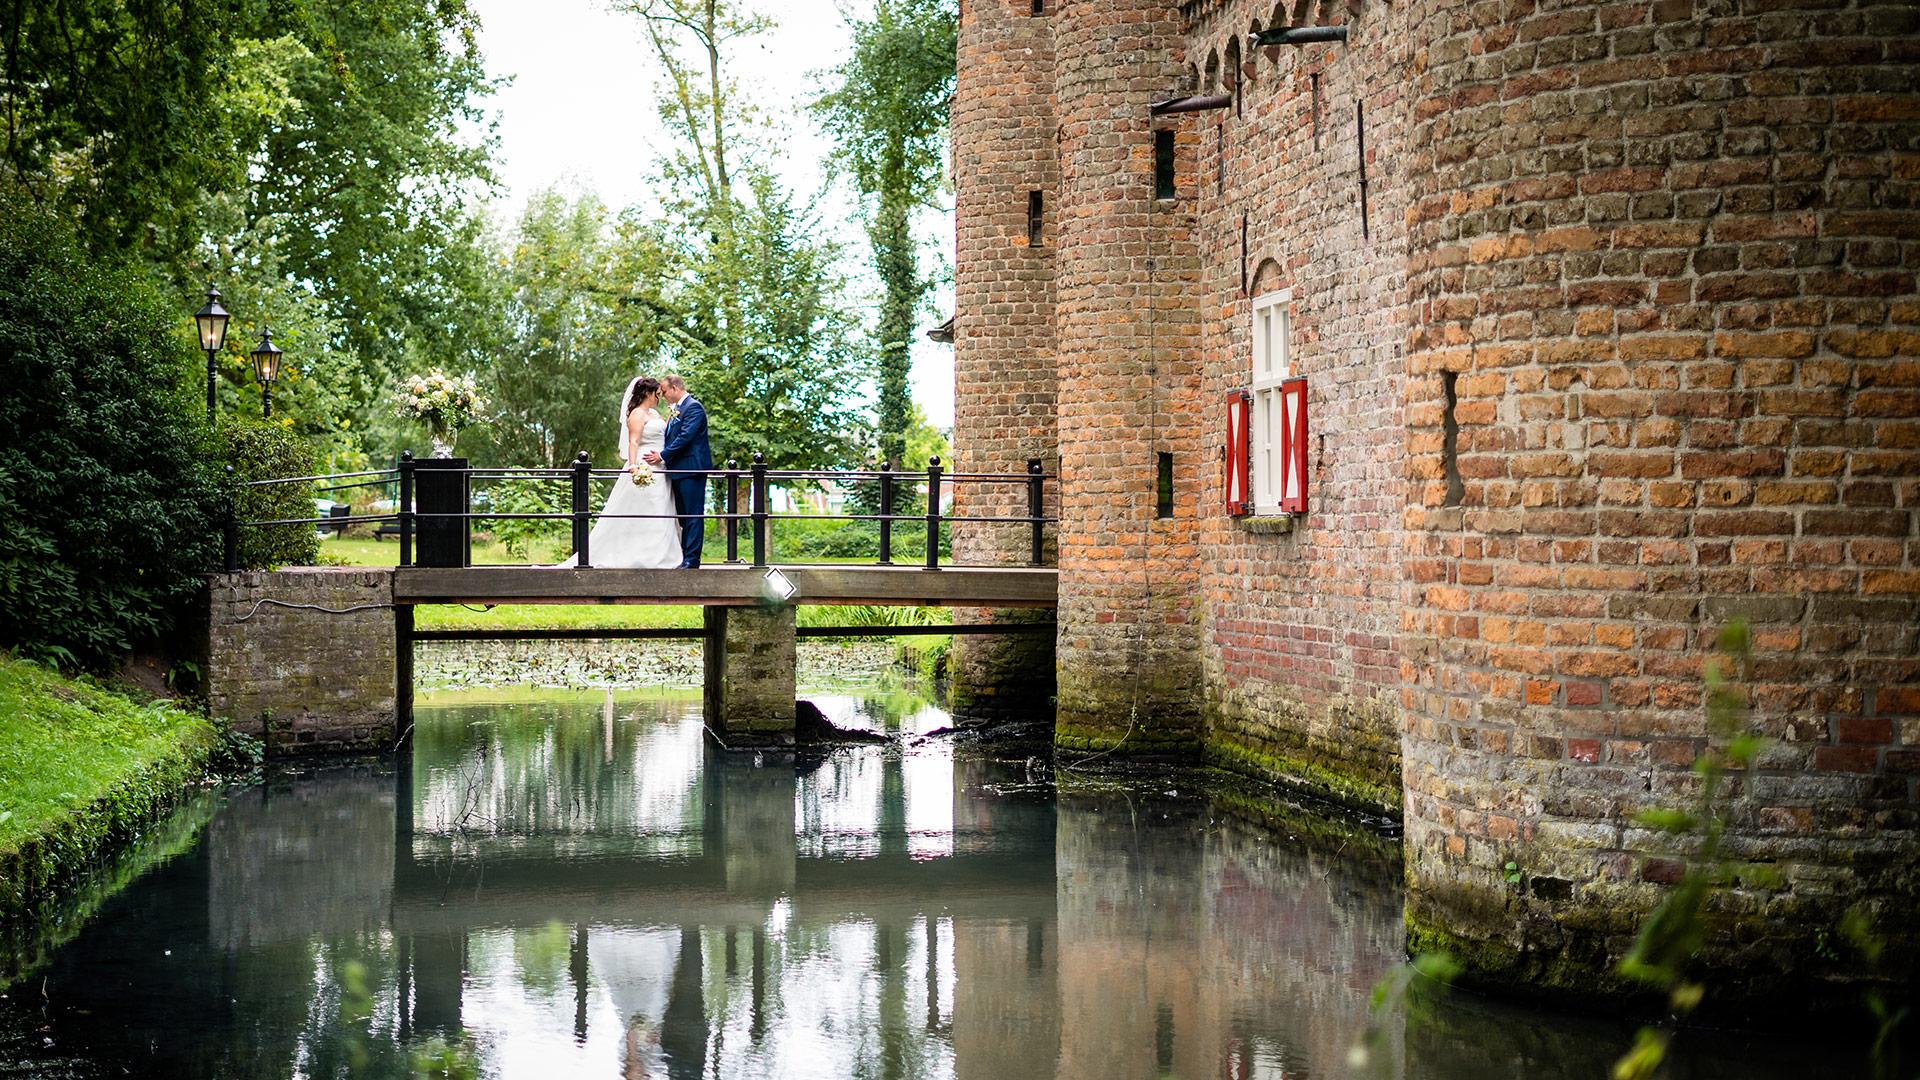 Bruidsfotograaf Den Bosch Bruidsreportage kasteel henkenshage